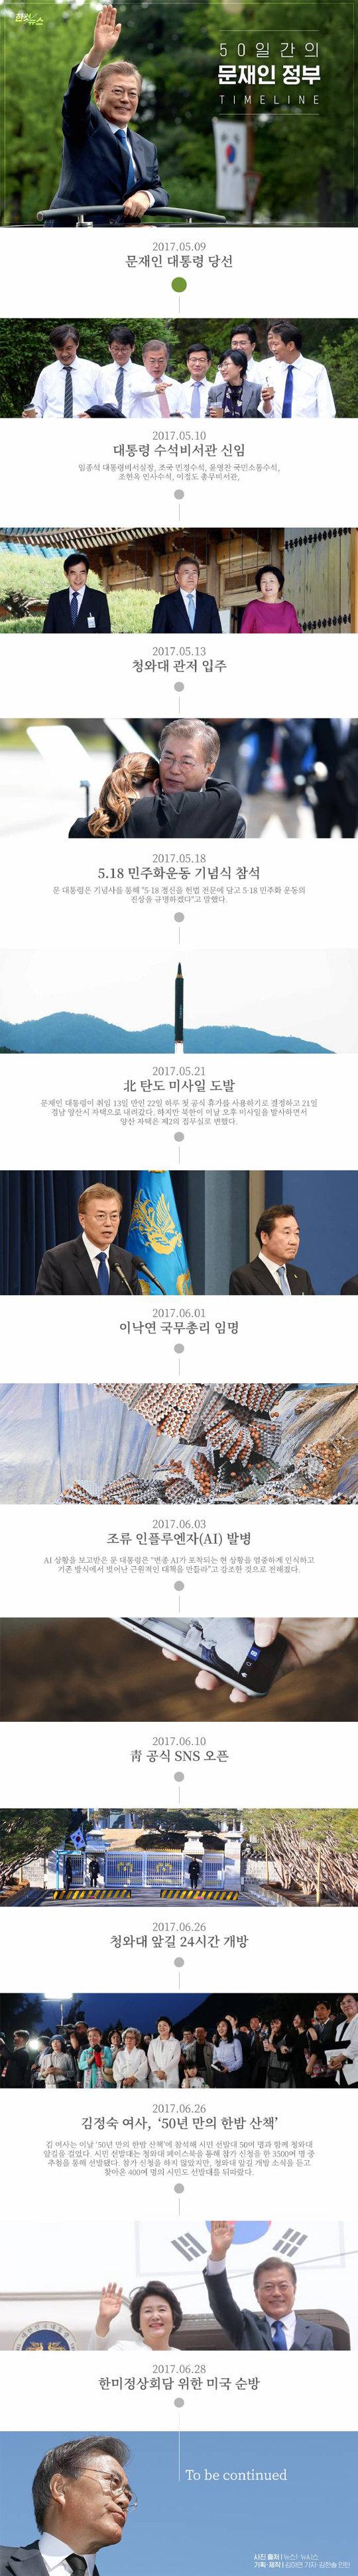 [한컷뉴스]문재인 정부 출범 50일, 상징적인 순간